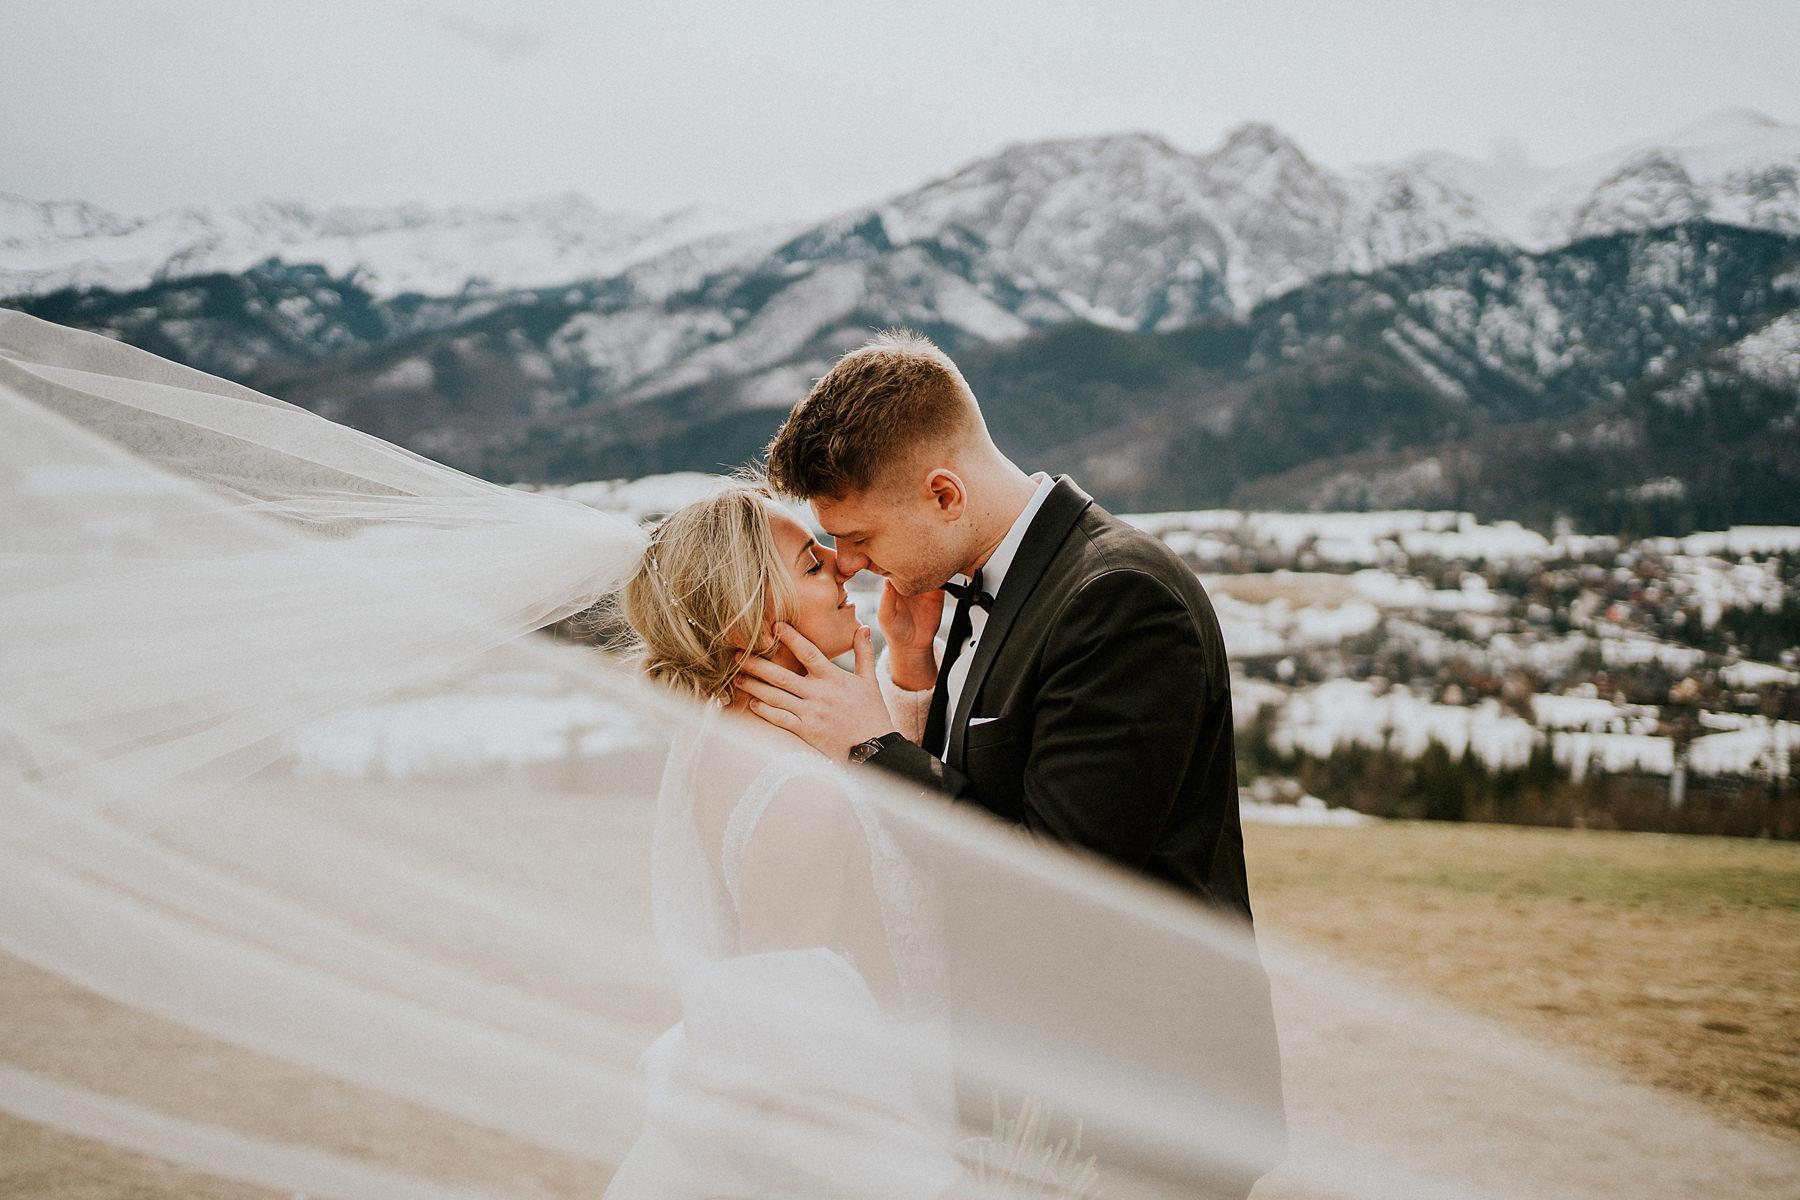 112 Dworek Komorno kedzierzyn kozle wesele sesja kasprowy wierch fotograf karol nycz photography